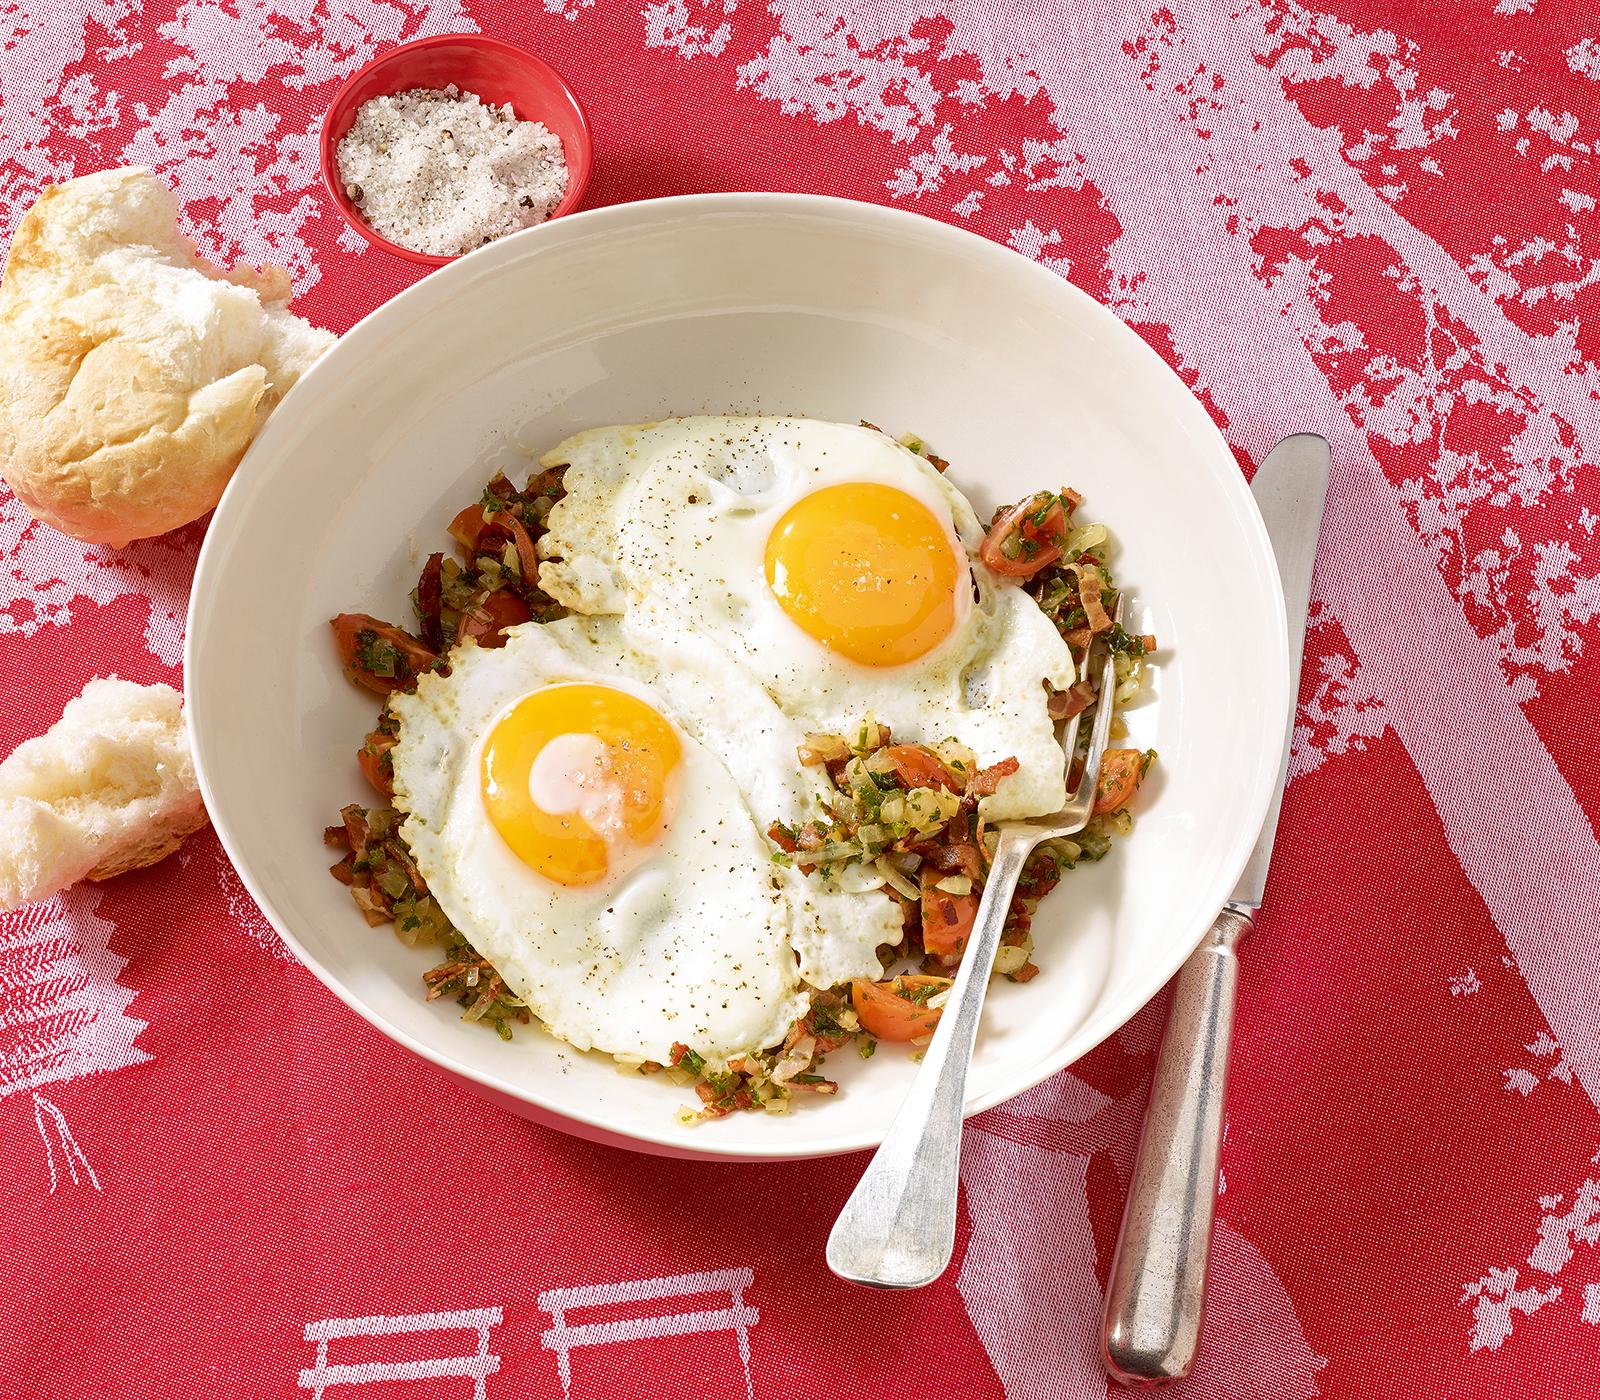 Speck zwiebel eier annemarie wildeisen 39 s kochen - Eier platzen beim kochen ...